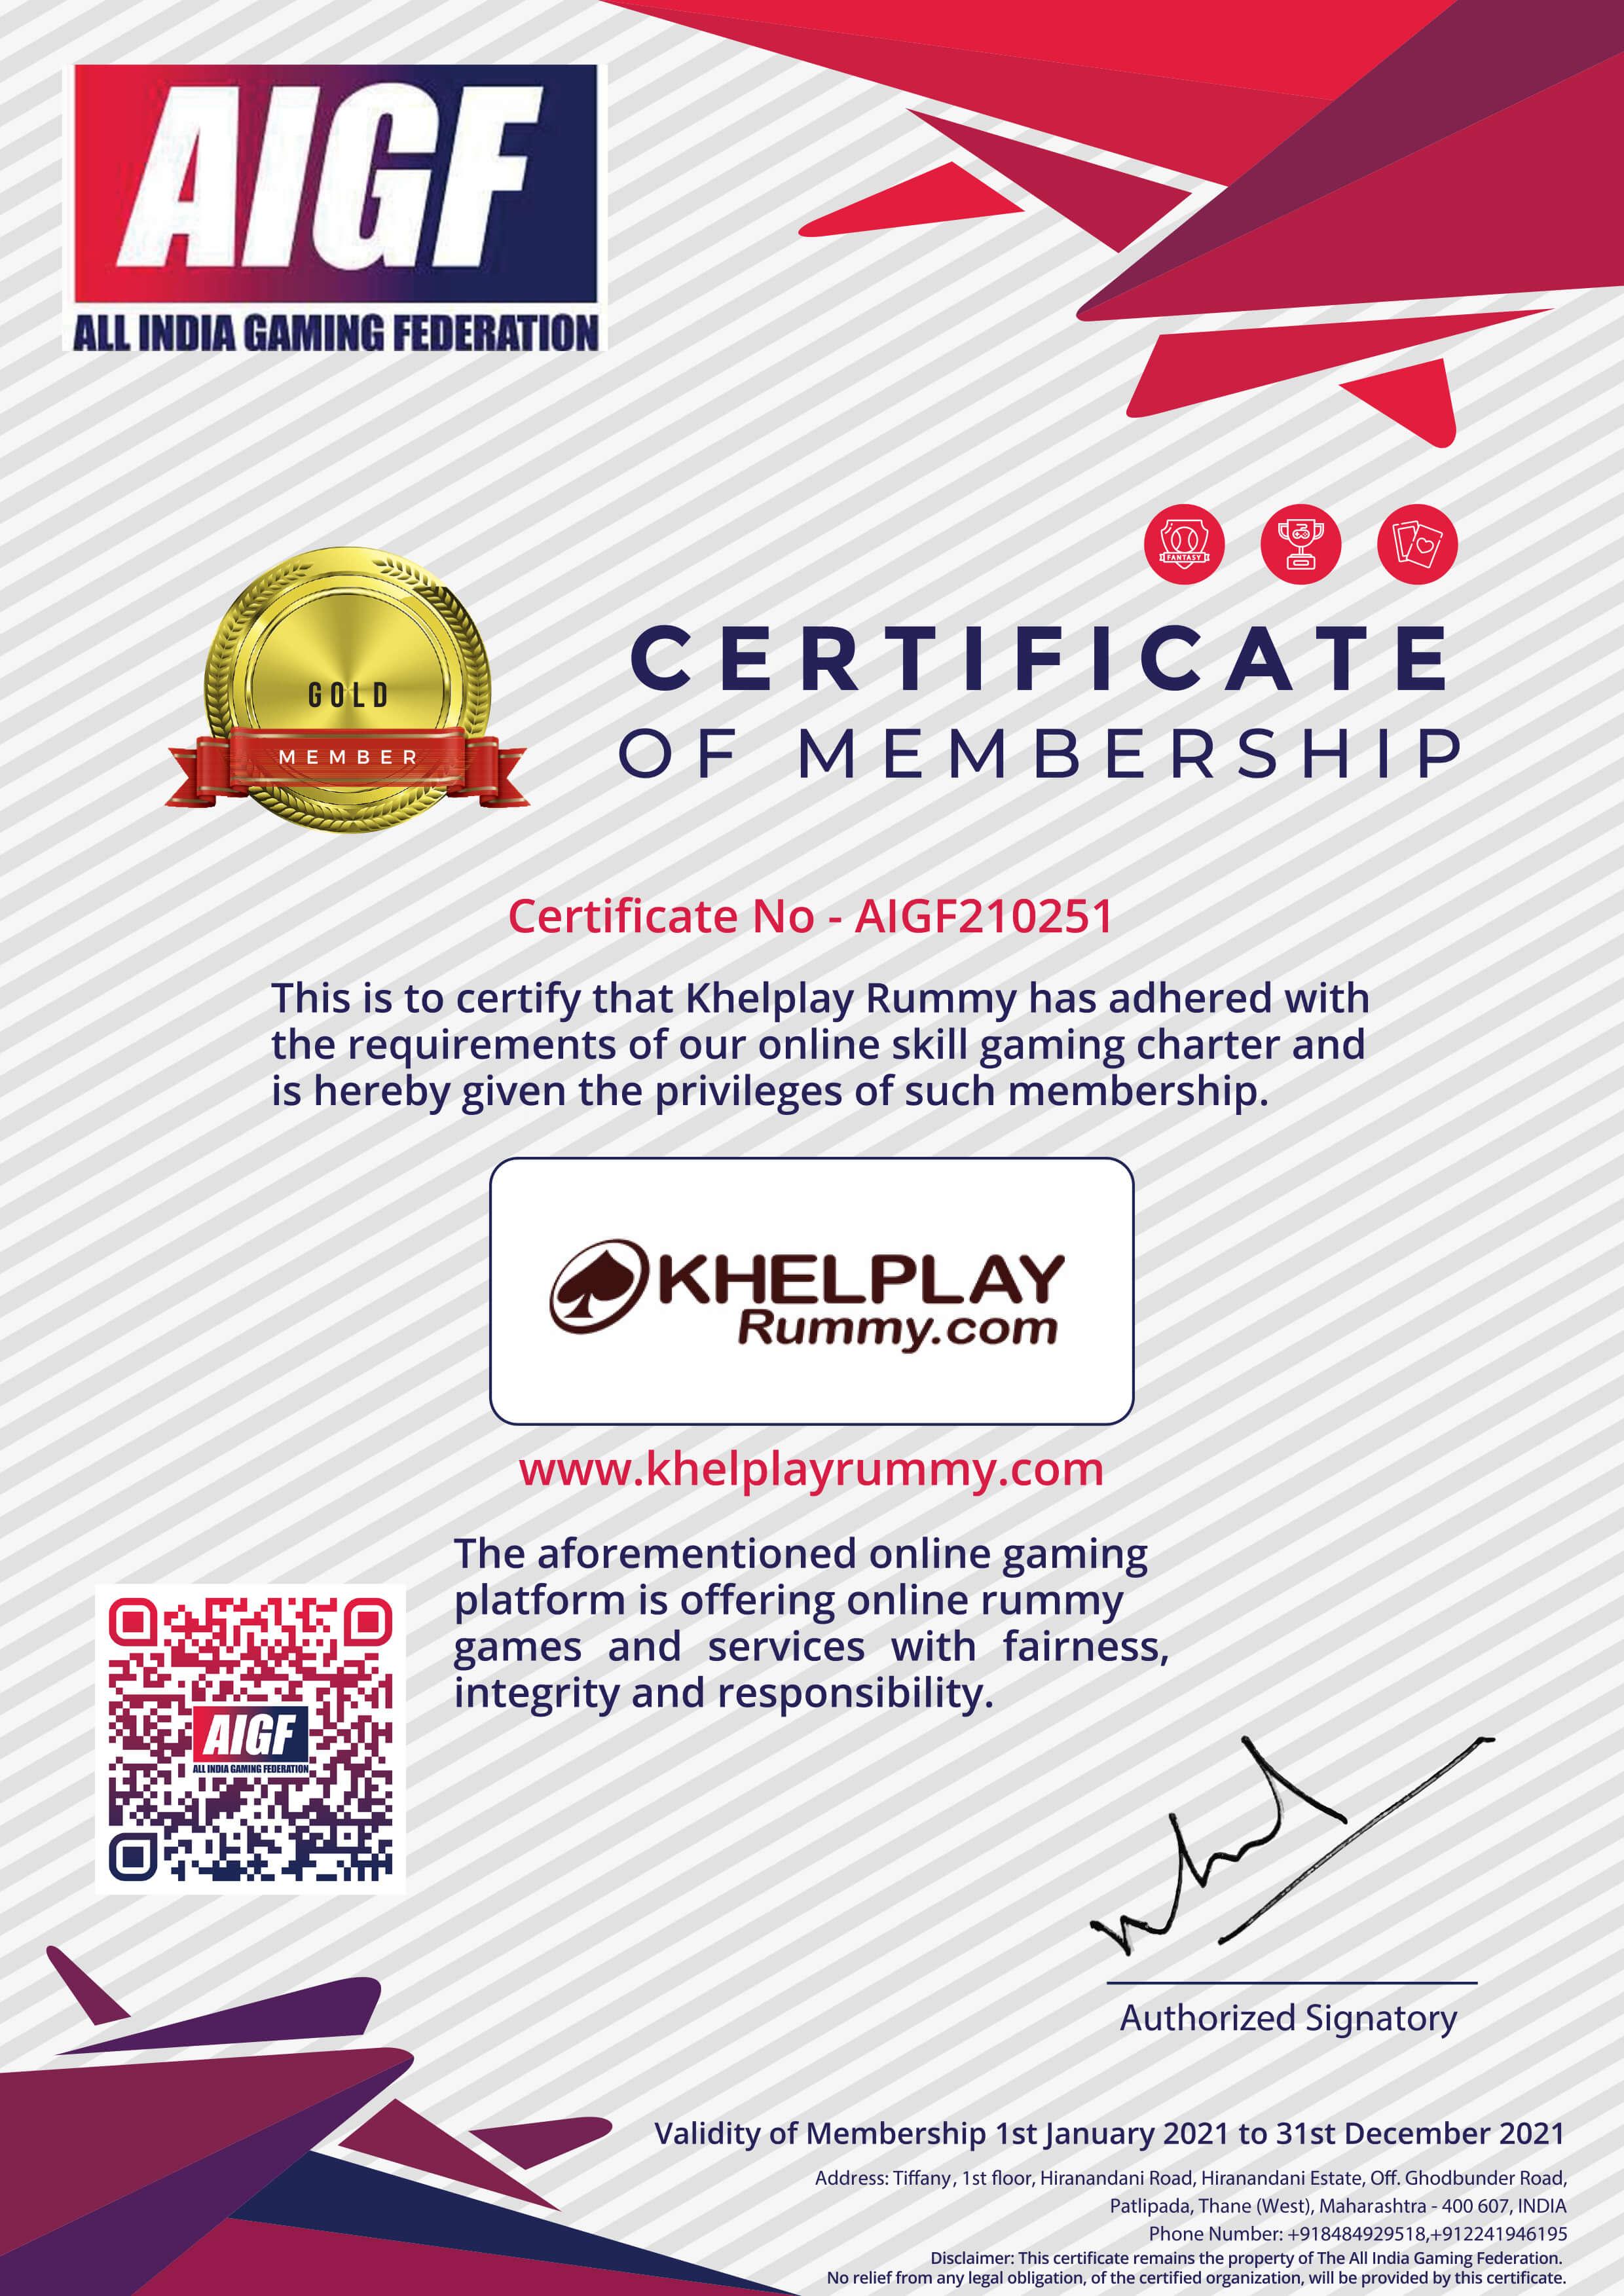 AIGF Membership Certificate